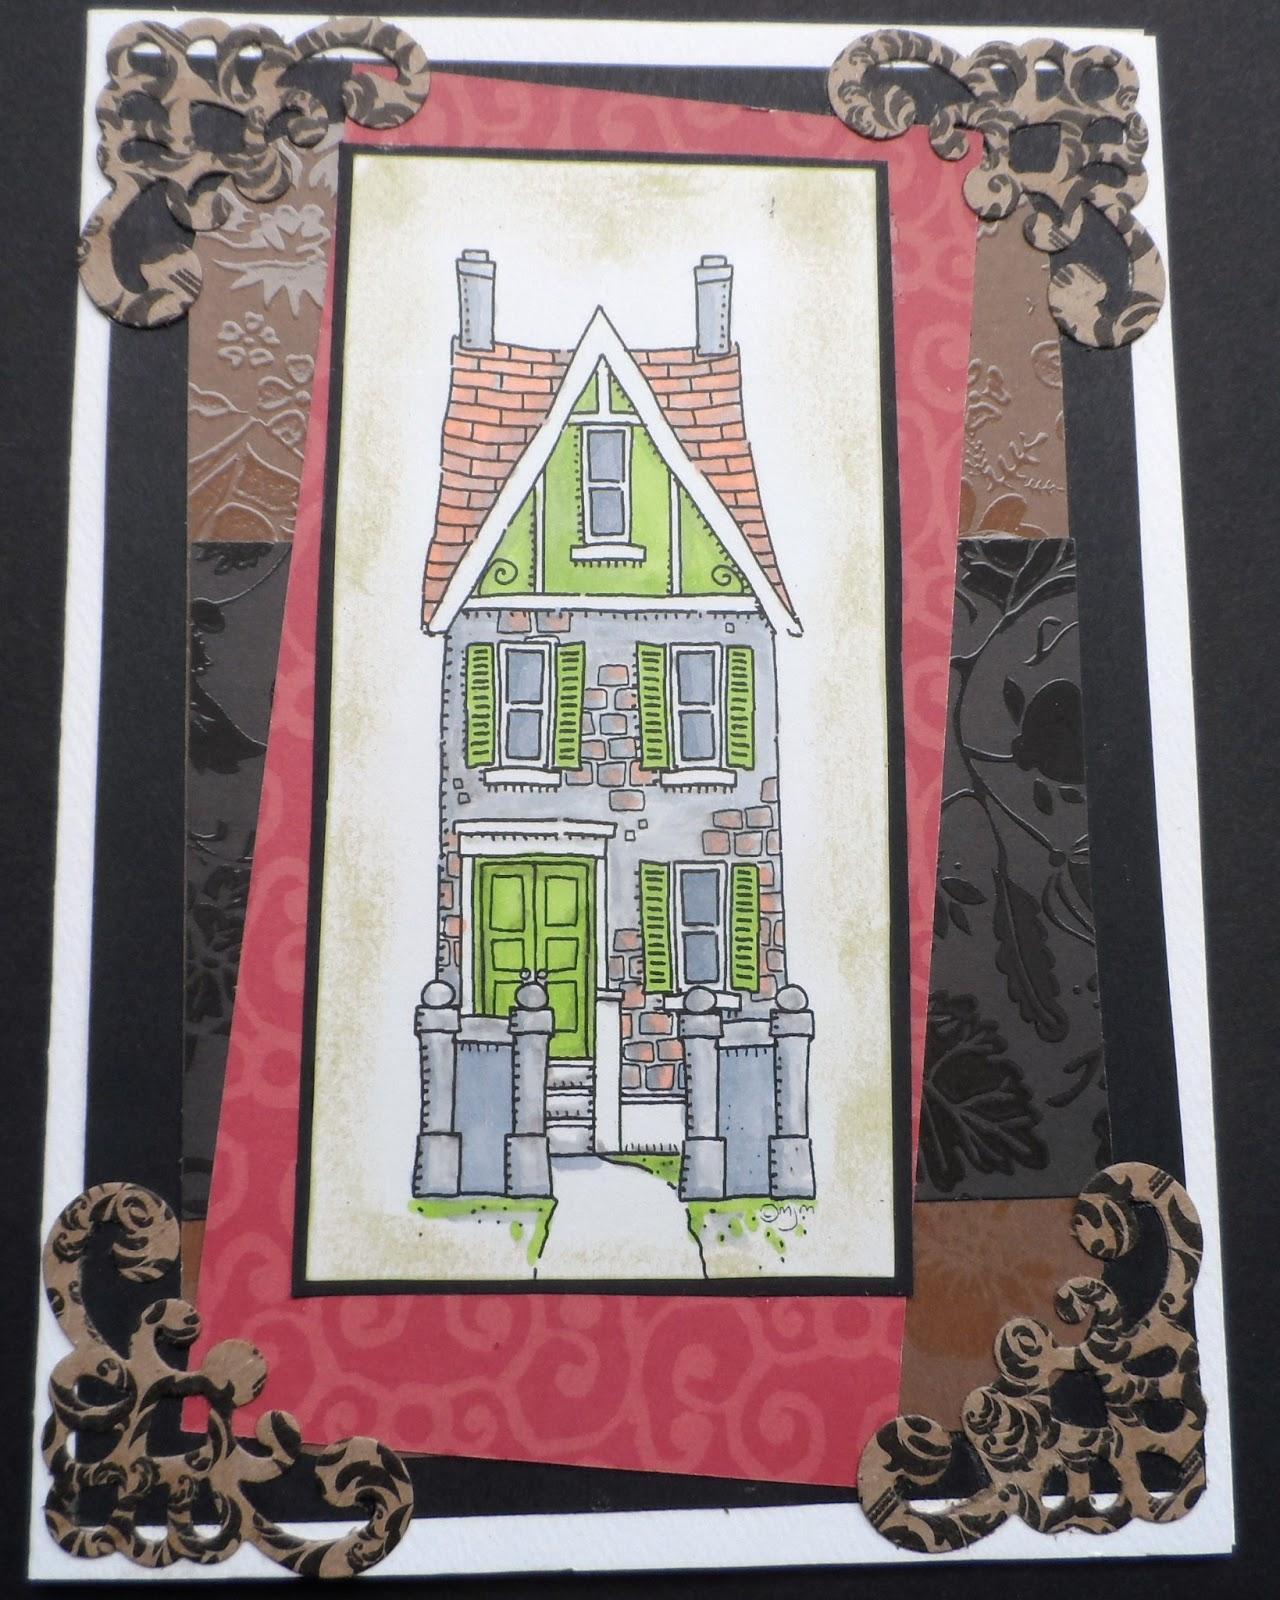 janette fuller handmade tall house greeting card